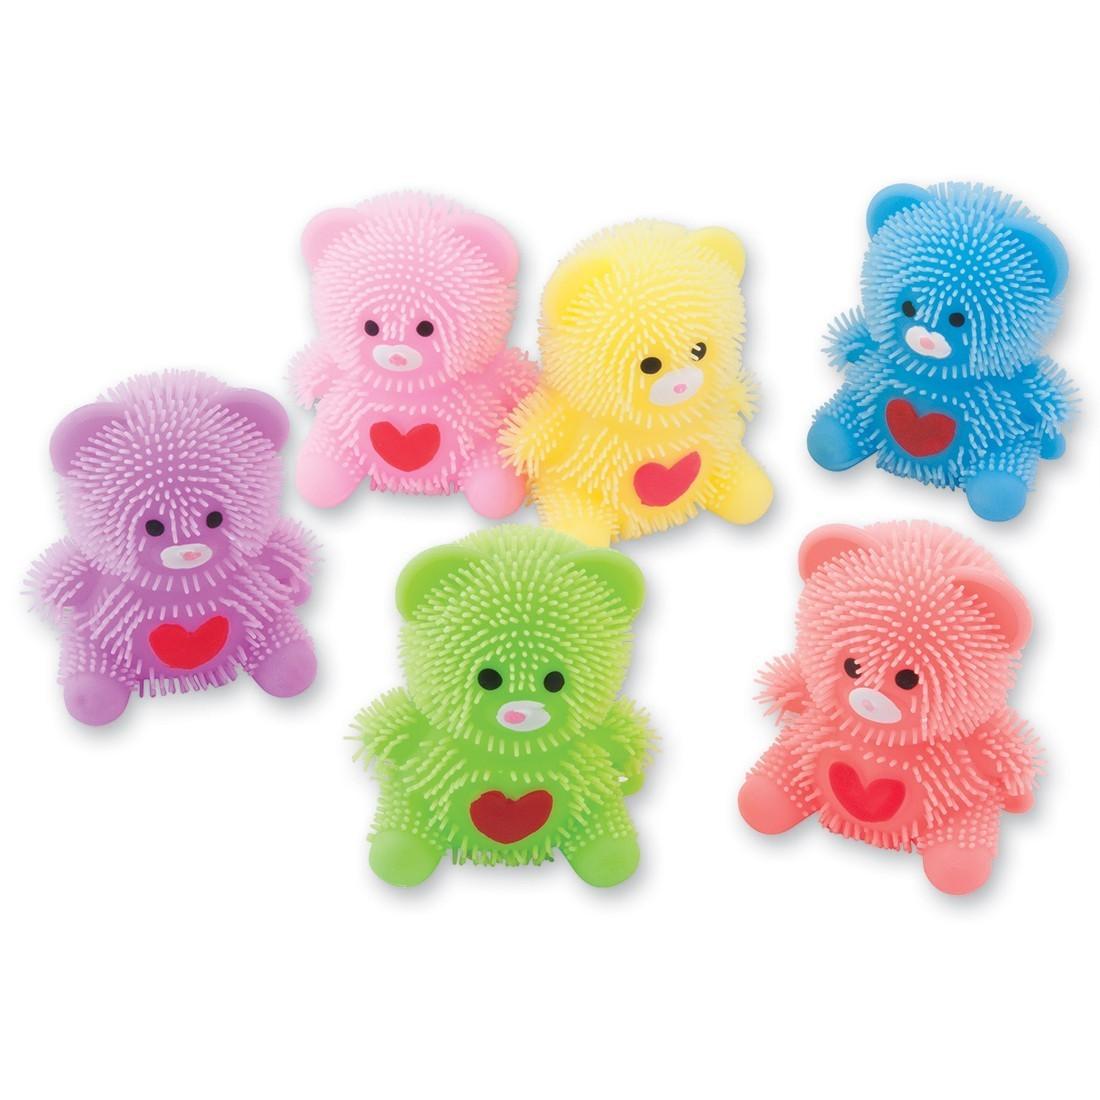 Puffy Heart Bears [image]